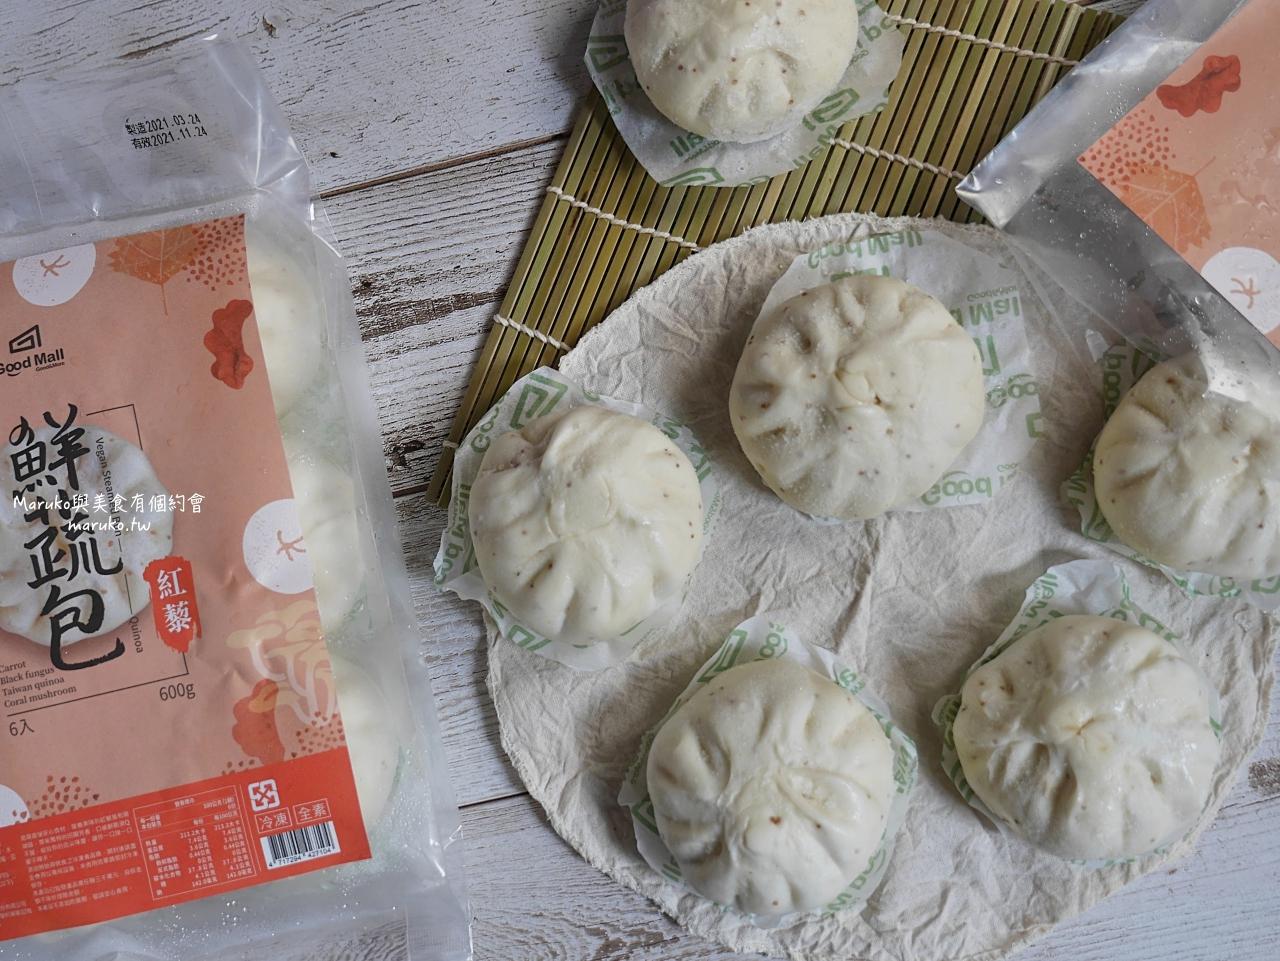 【宅配美食】GoodMall 紅藜鮮蔬包/營養滿點有8種蔬菜的素食鮮蔬包推薦 @Maruko與美食有個約會